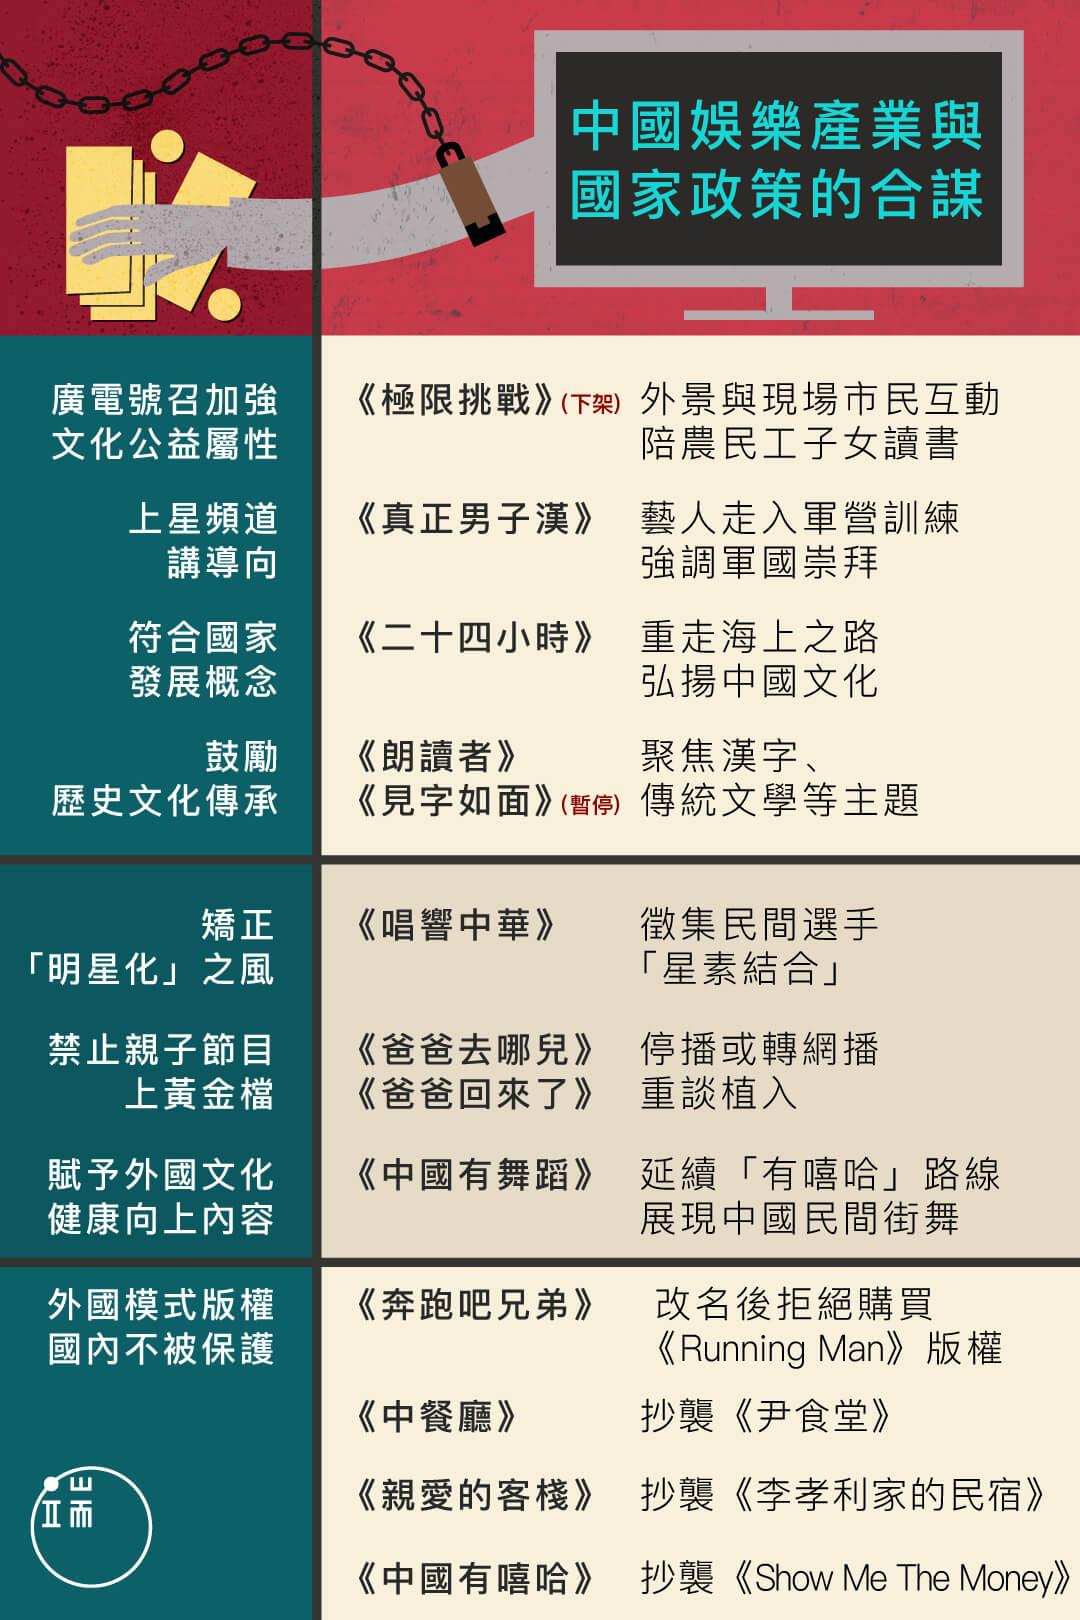 中國官方與電視產業的「合謀」。